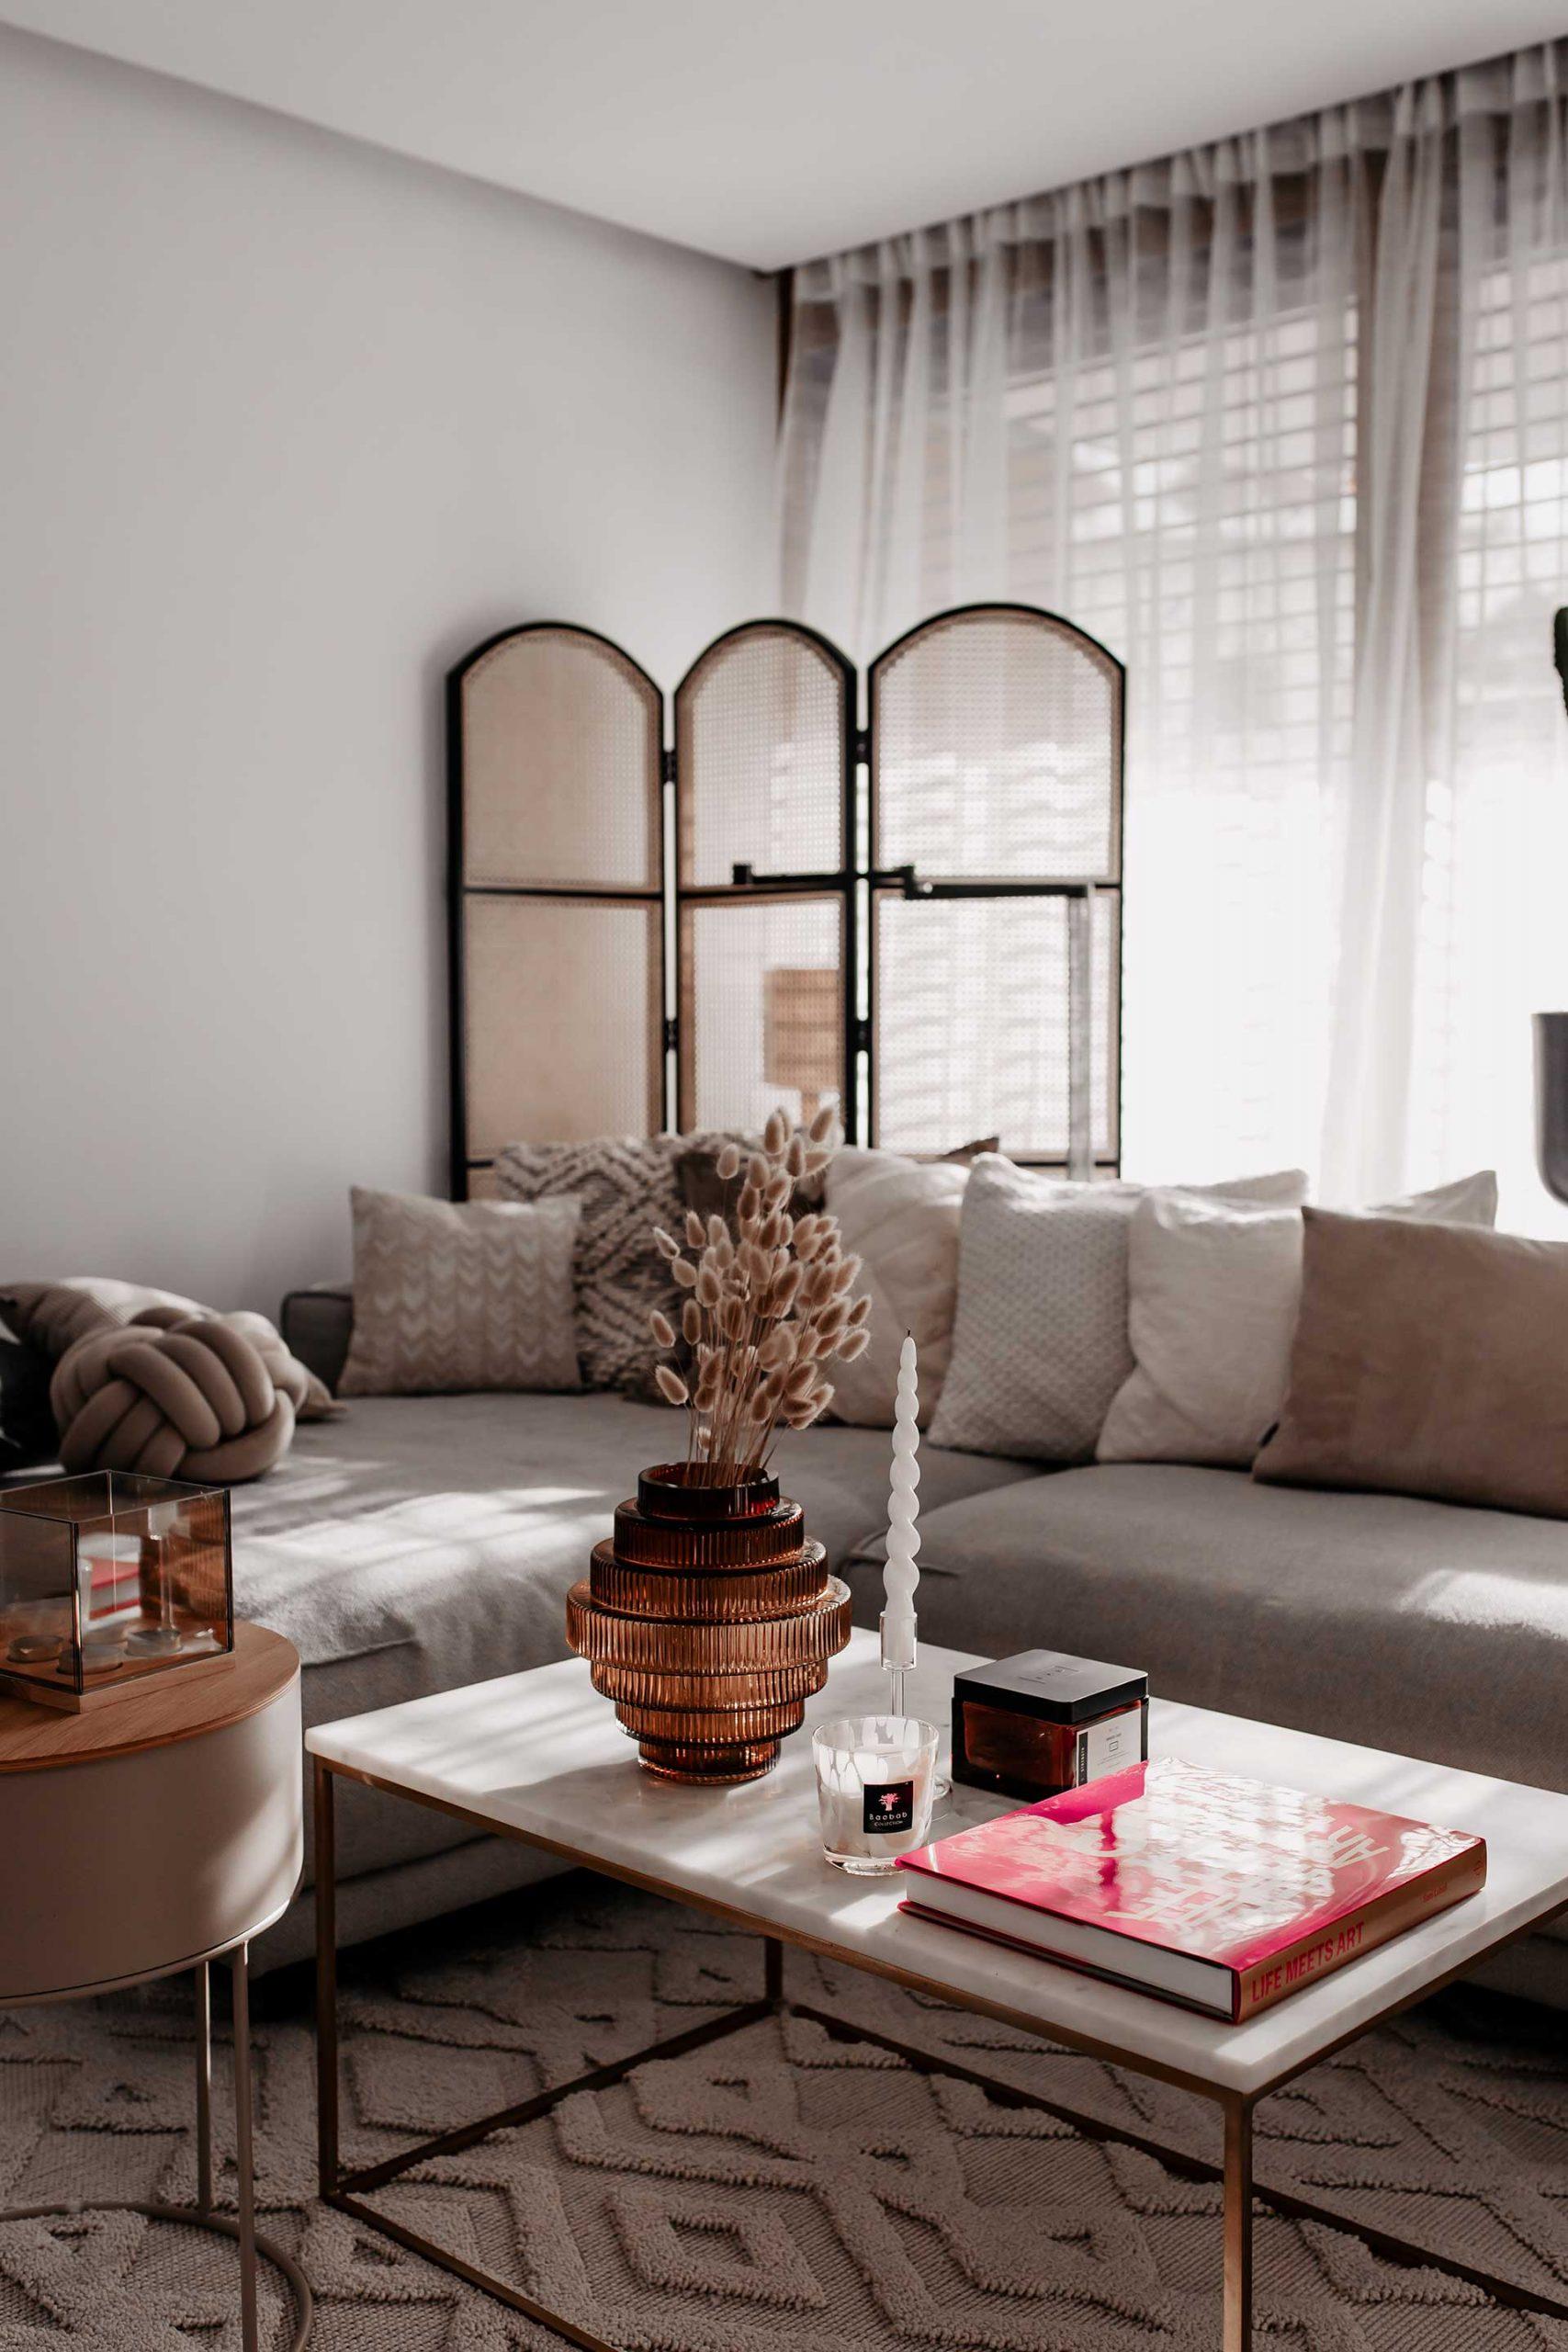 Am Interior Blog zeige ich dir heute, wie einfach du einen schönen Coffee Table dekorieren kannst. Die passenden Coffee Table Books gibts obendrauf. www.whoismocca.com